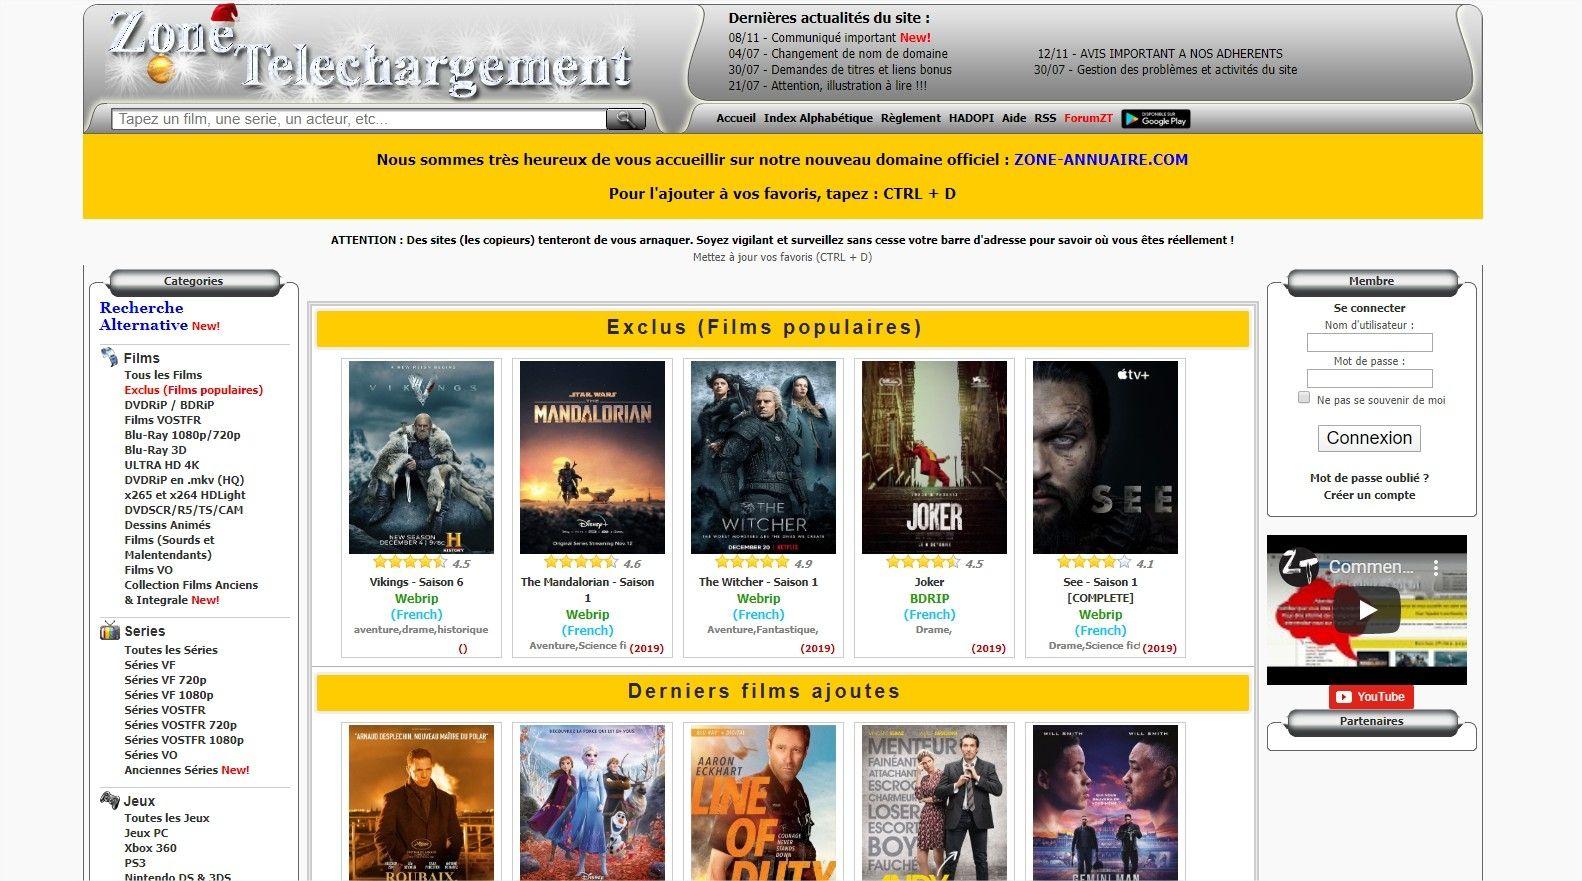 Piratage : Zone-annuaire s'offre un second site en .Net